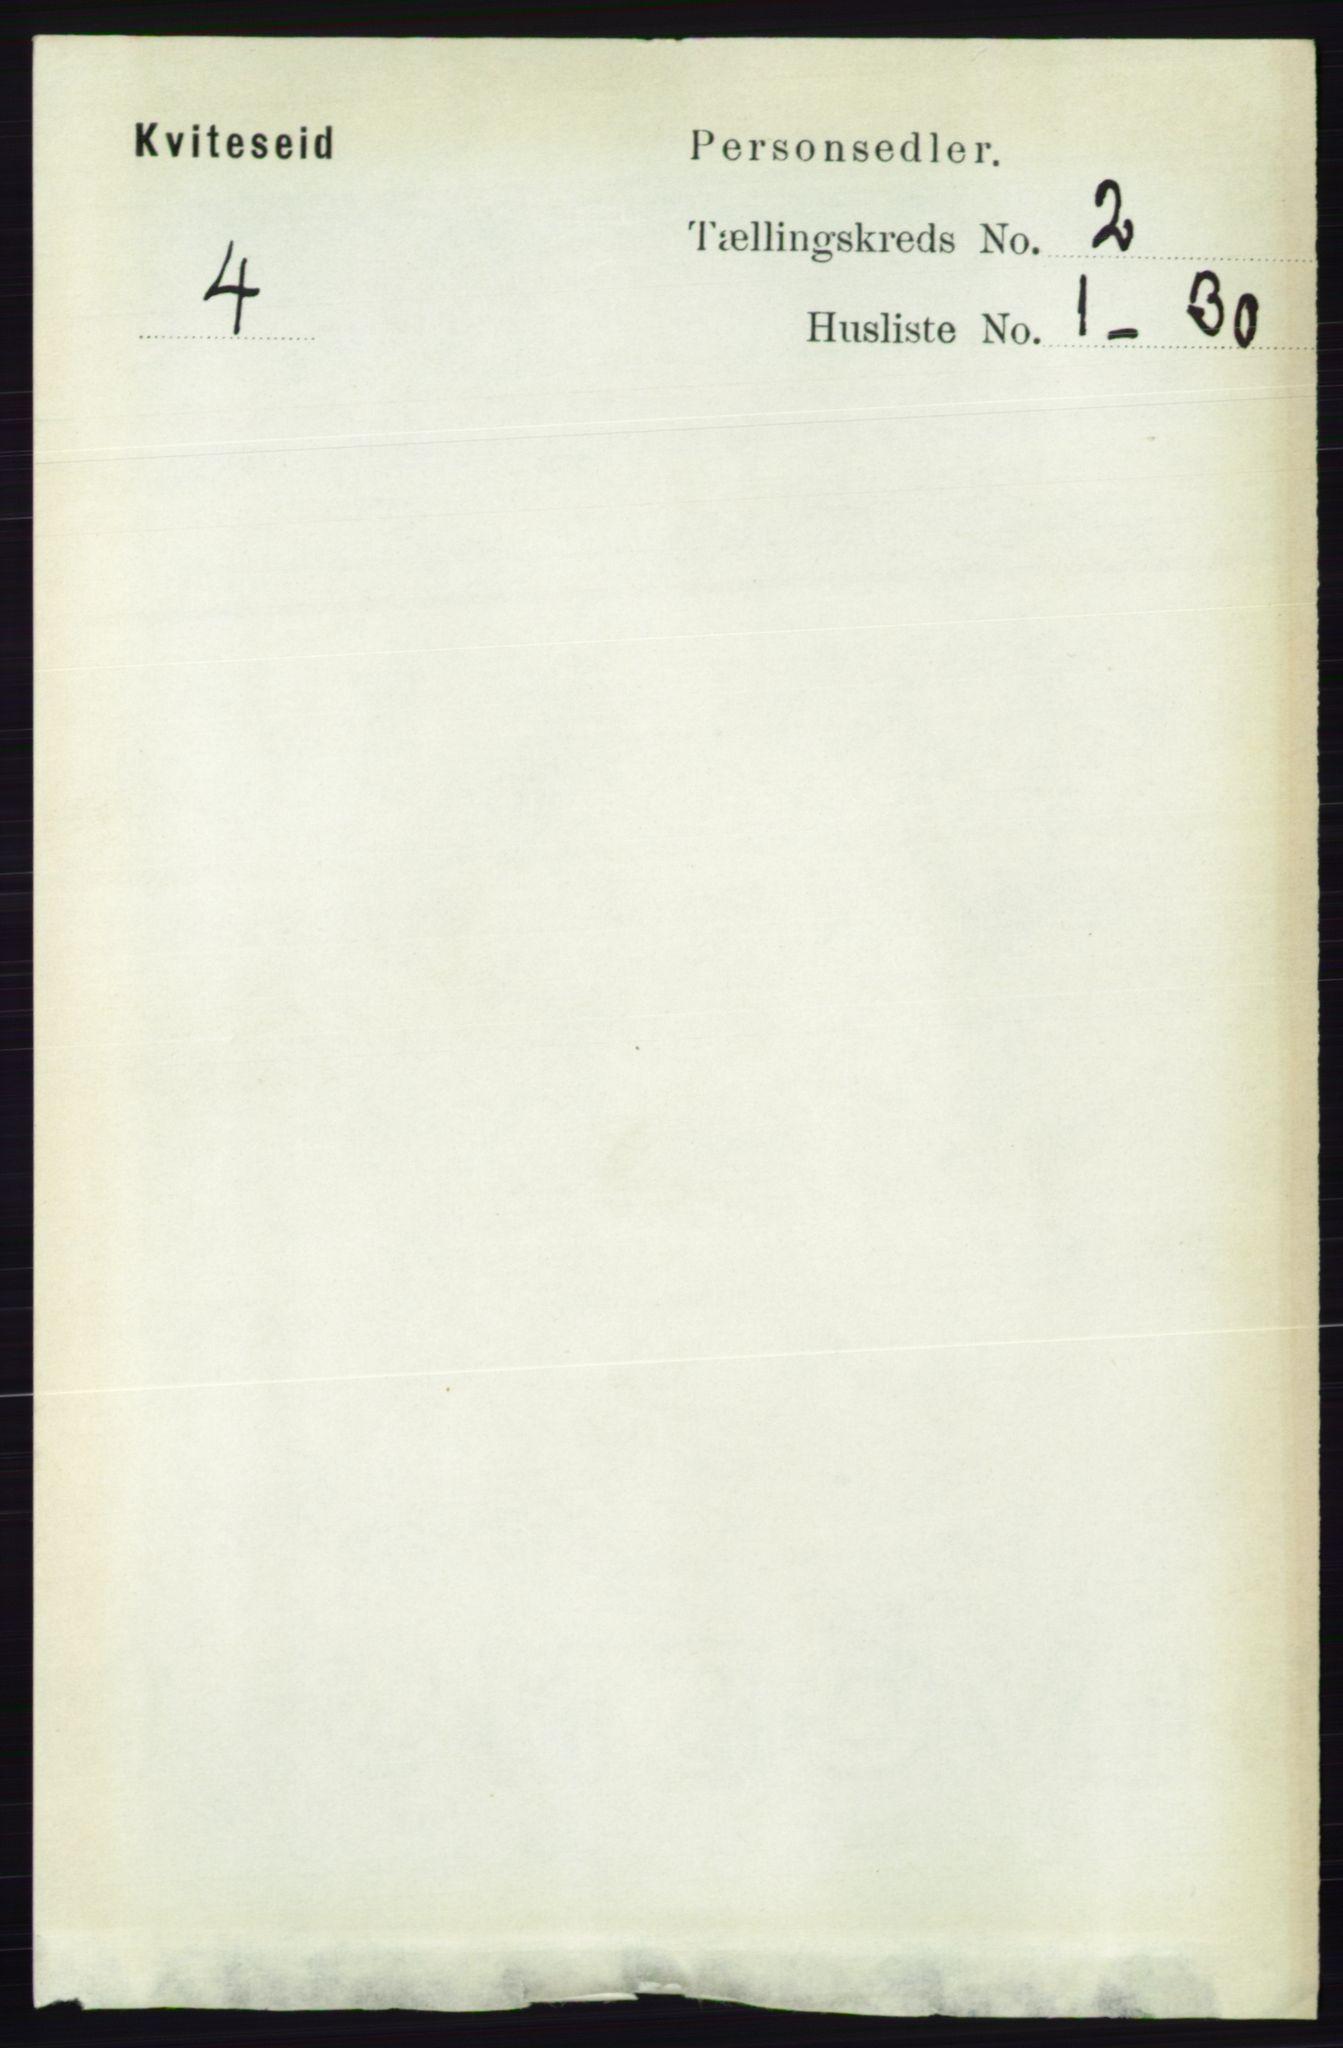 RA, Folketelling 1891 for 0829 Kviteseid herred, 1891, s. 291